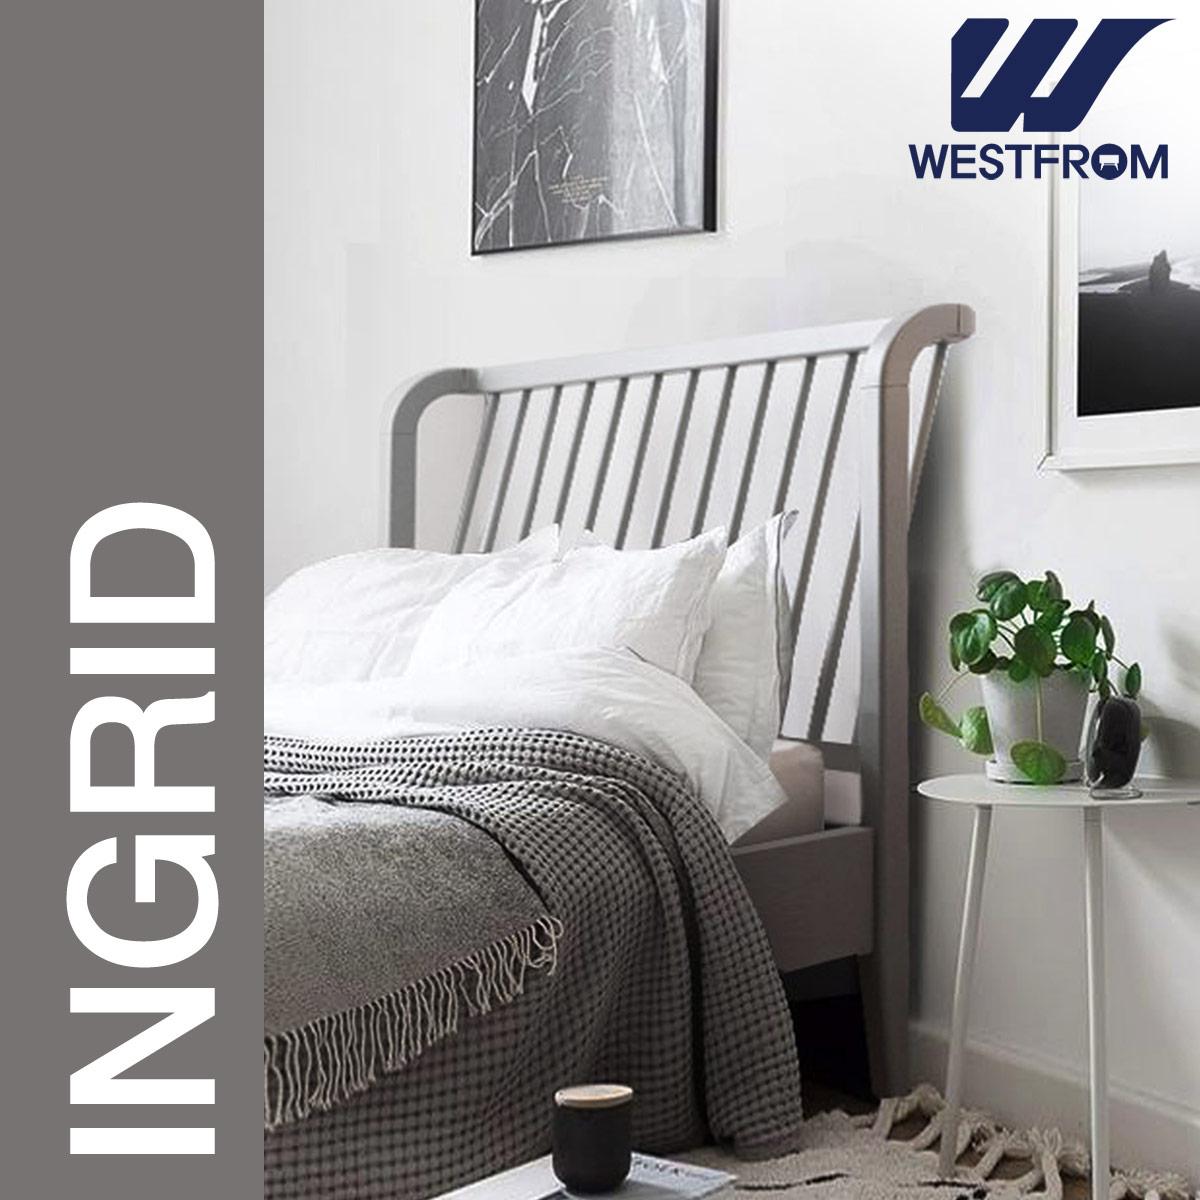 [웨스트프롬] 모던 잉그리드) 원목 평상형 침대(SS) / 클라우드 Top F17 SS 매트리스